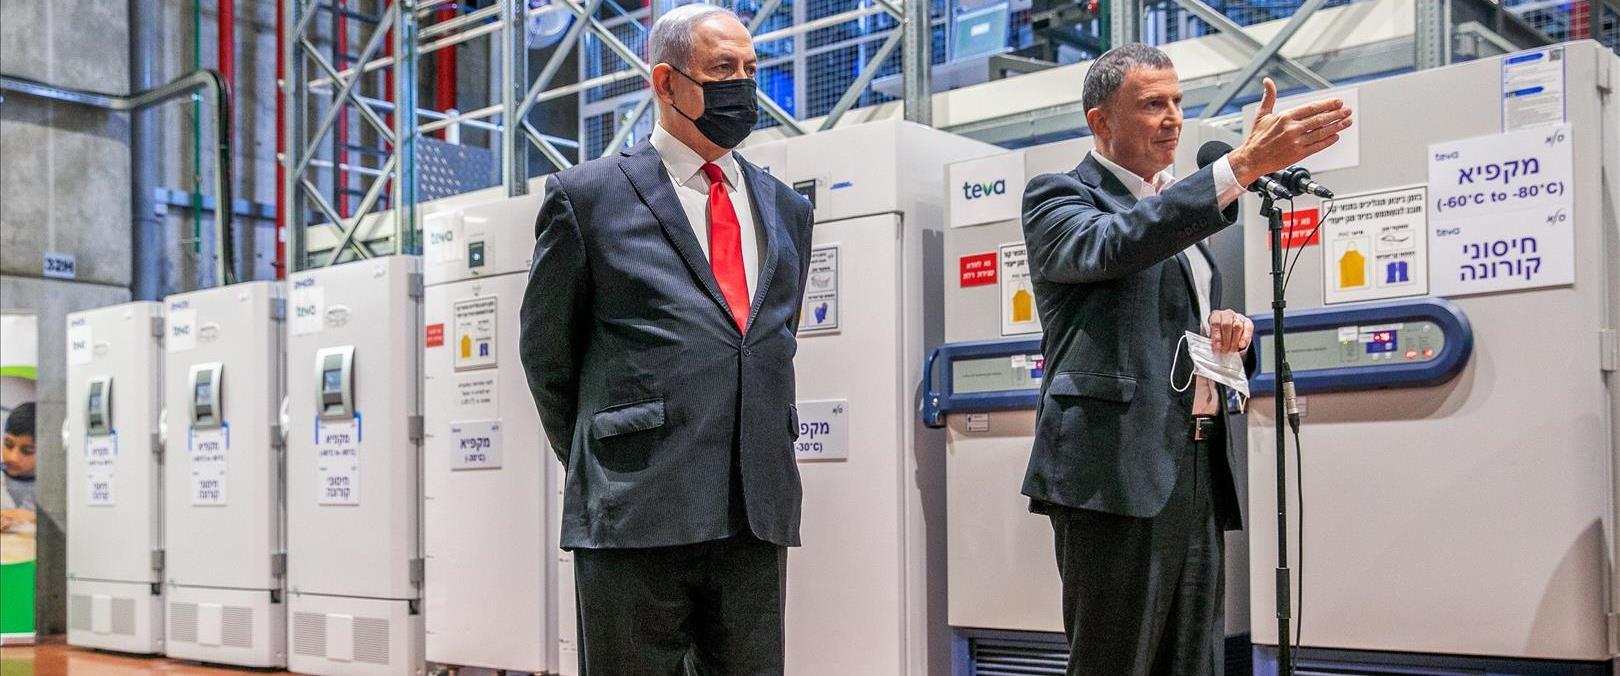 ראש הממשלה נתניהו ושר הבריאות אדלשטיין